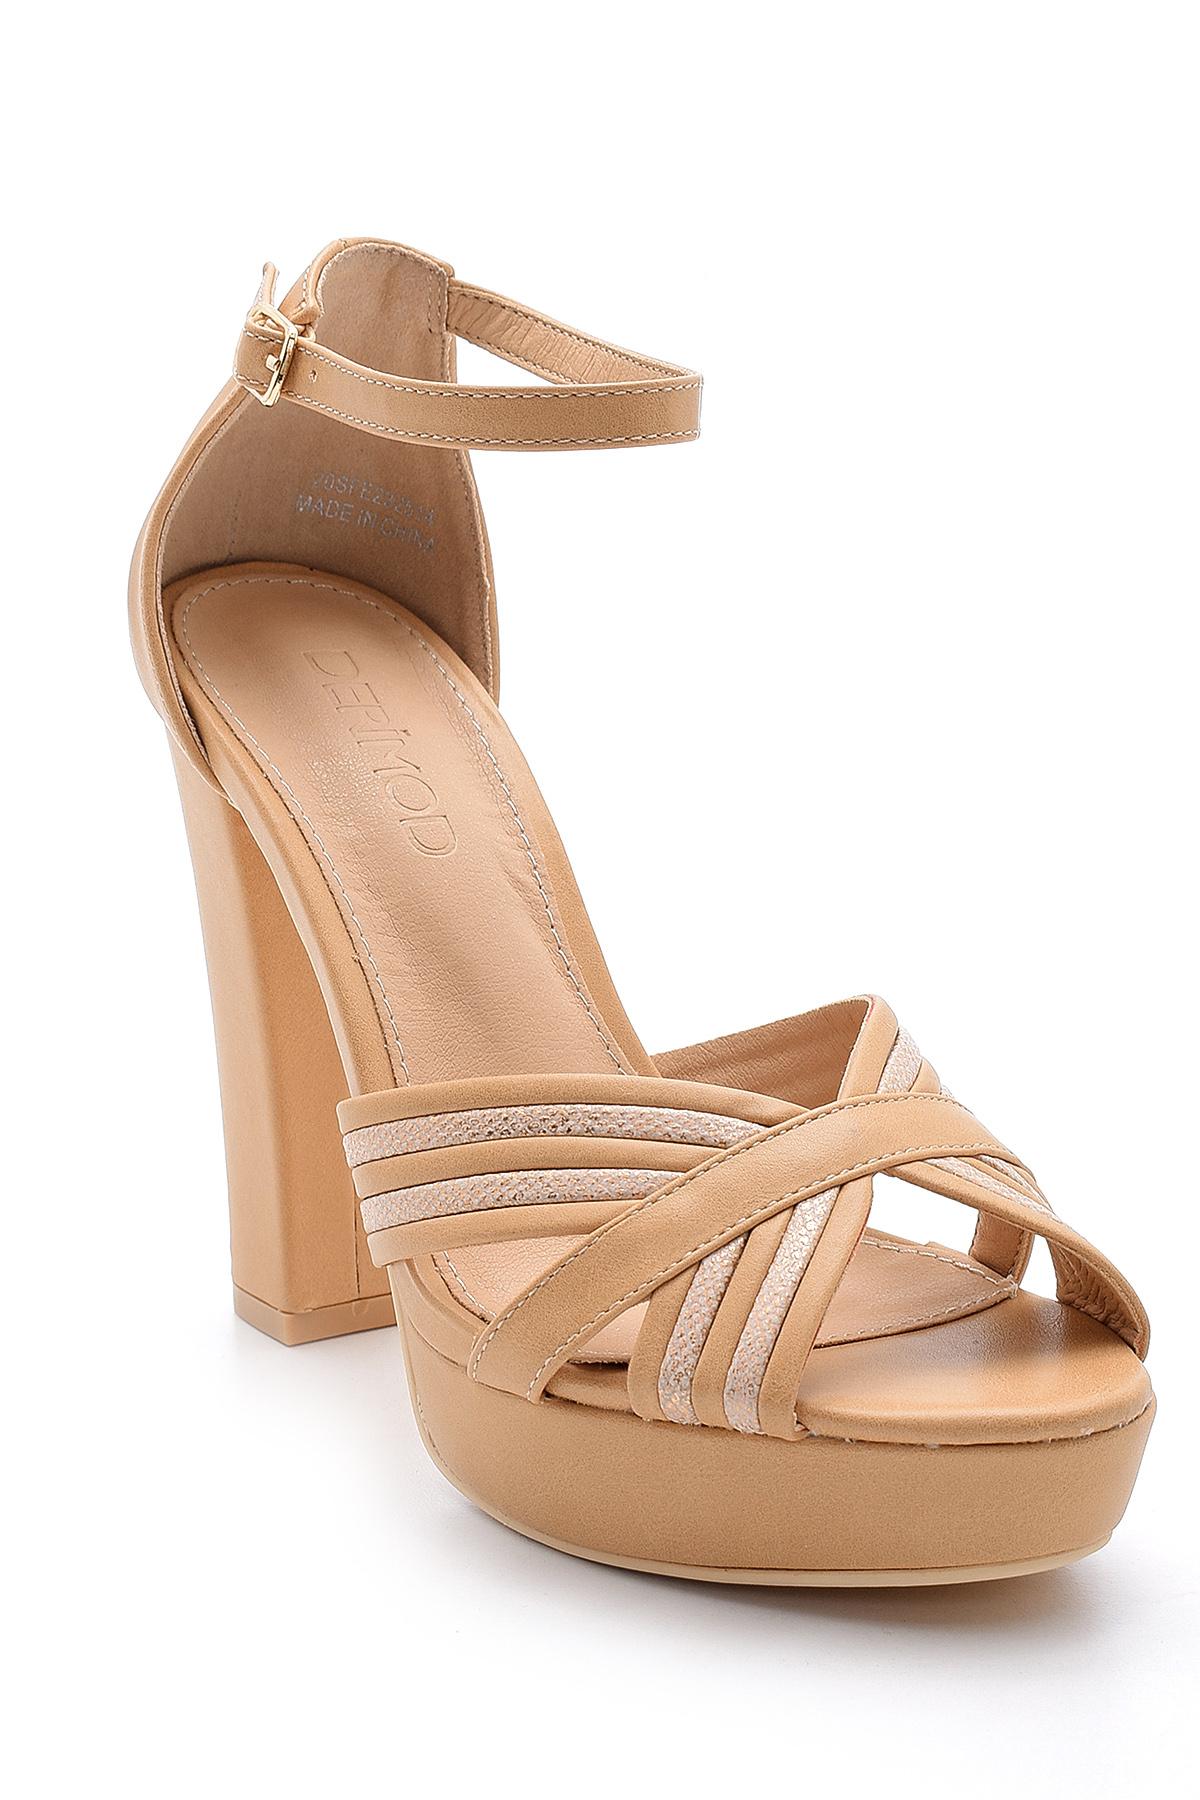 Bej Kadın Topuklu Sandalet 5638136145